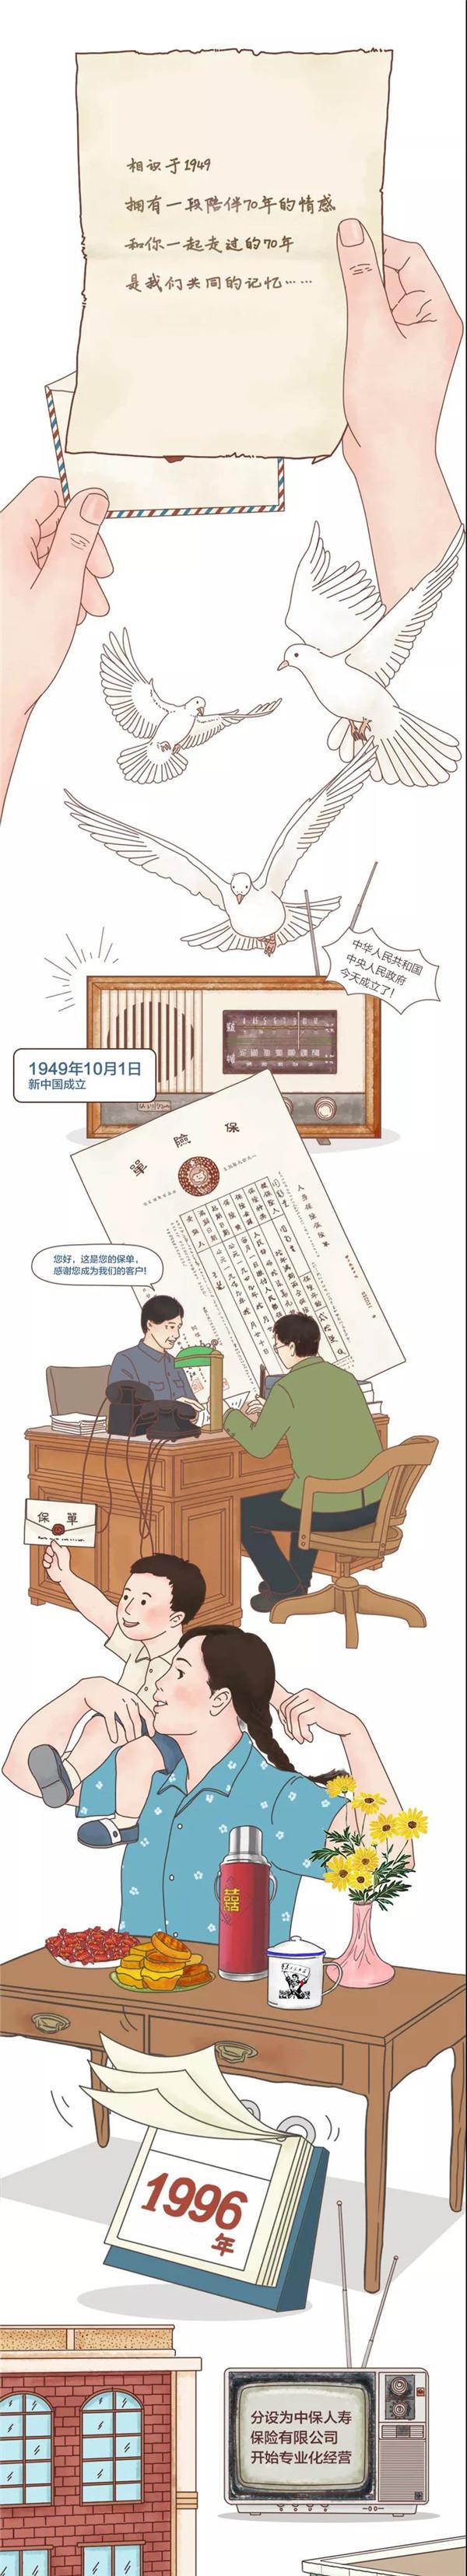 20191012中国人寿企业发展广告片-1.jpg